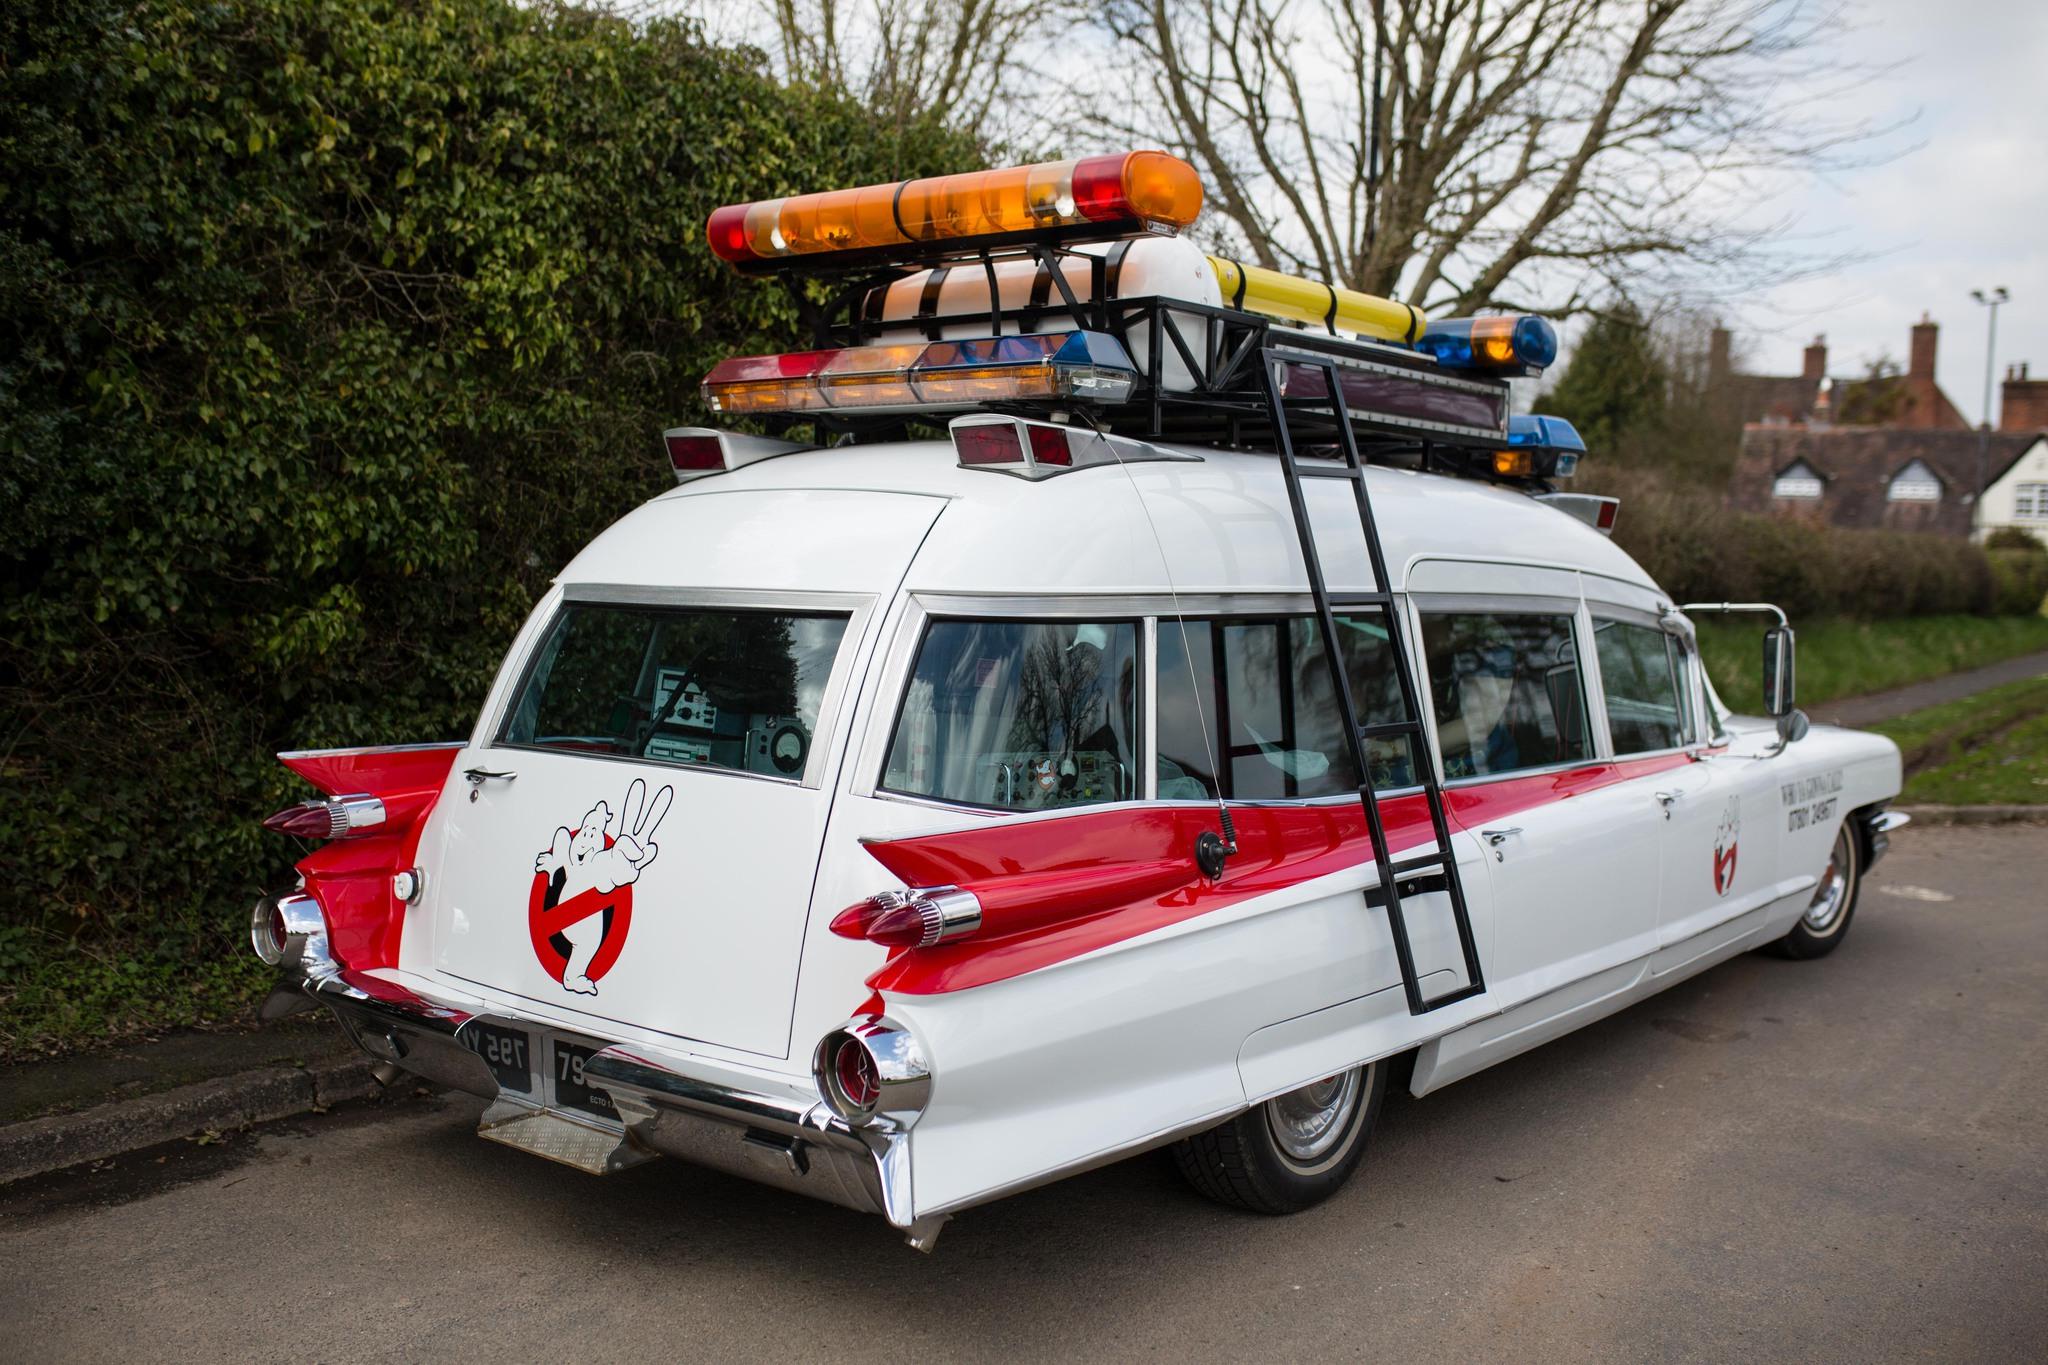 Ghostbusters film wedding car